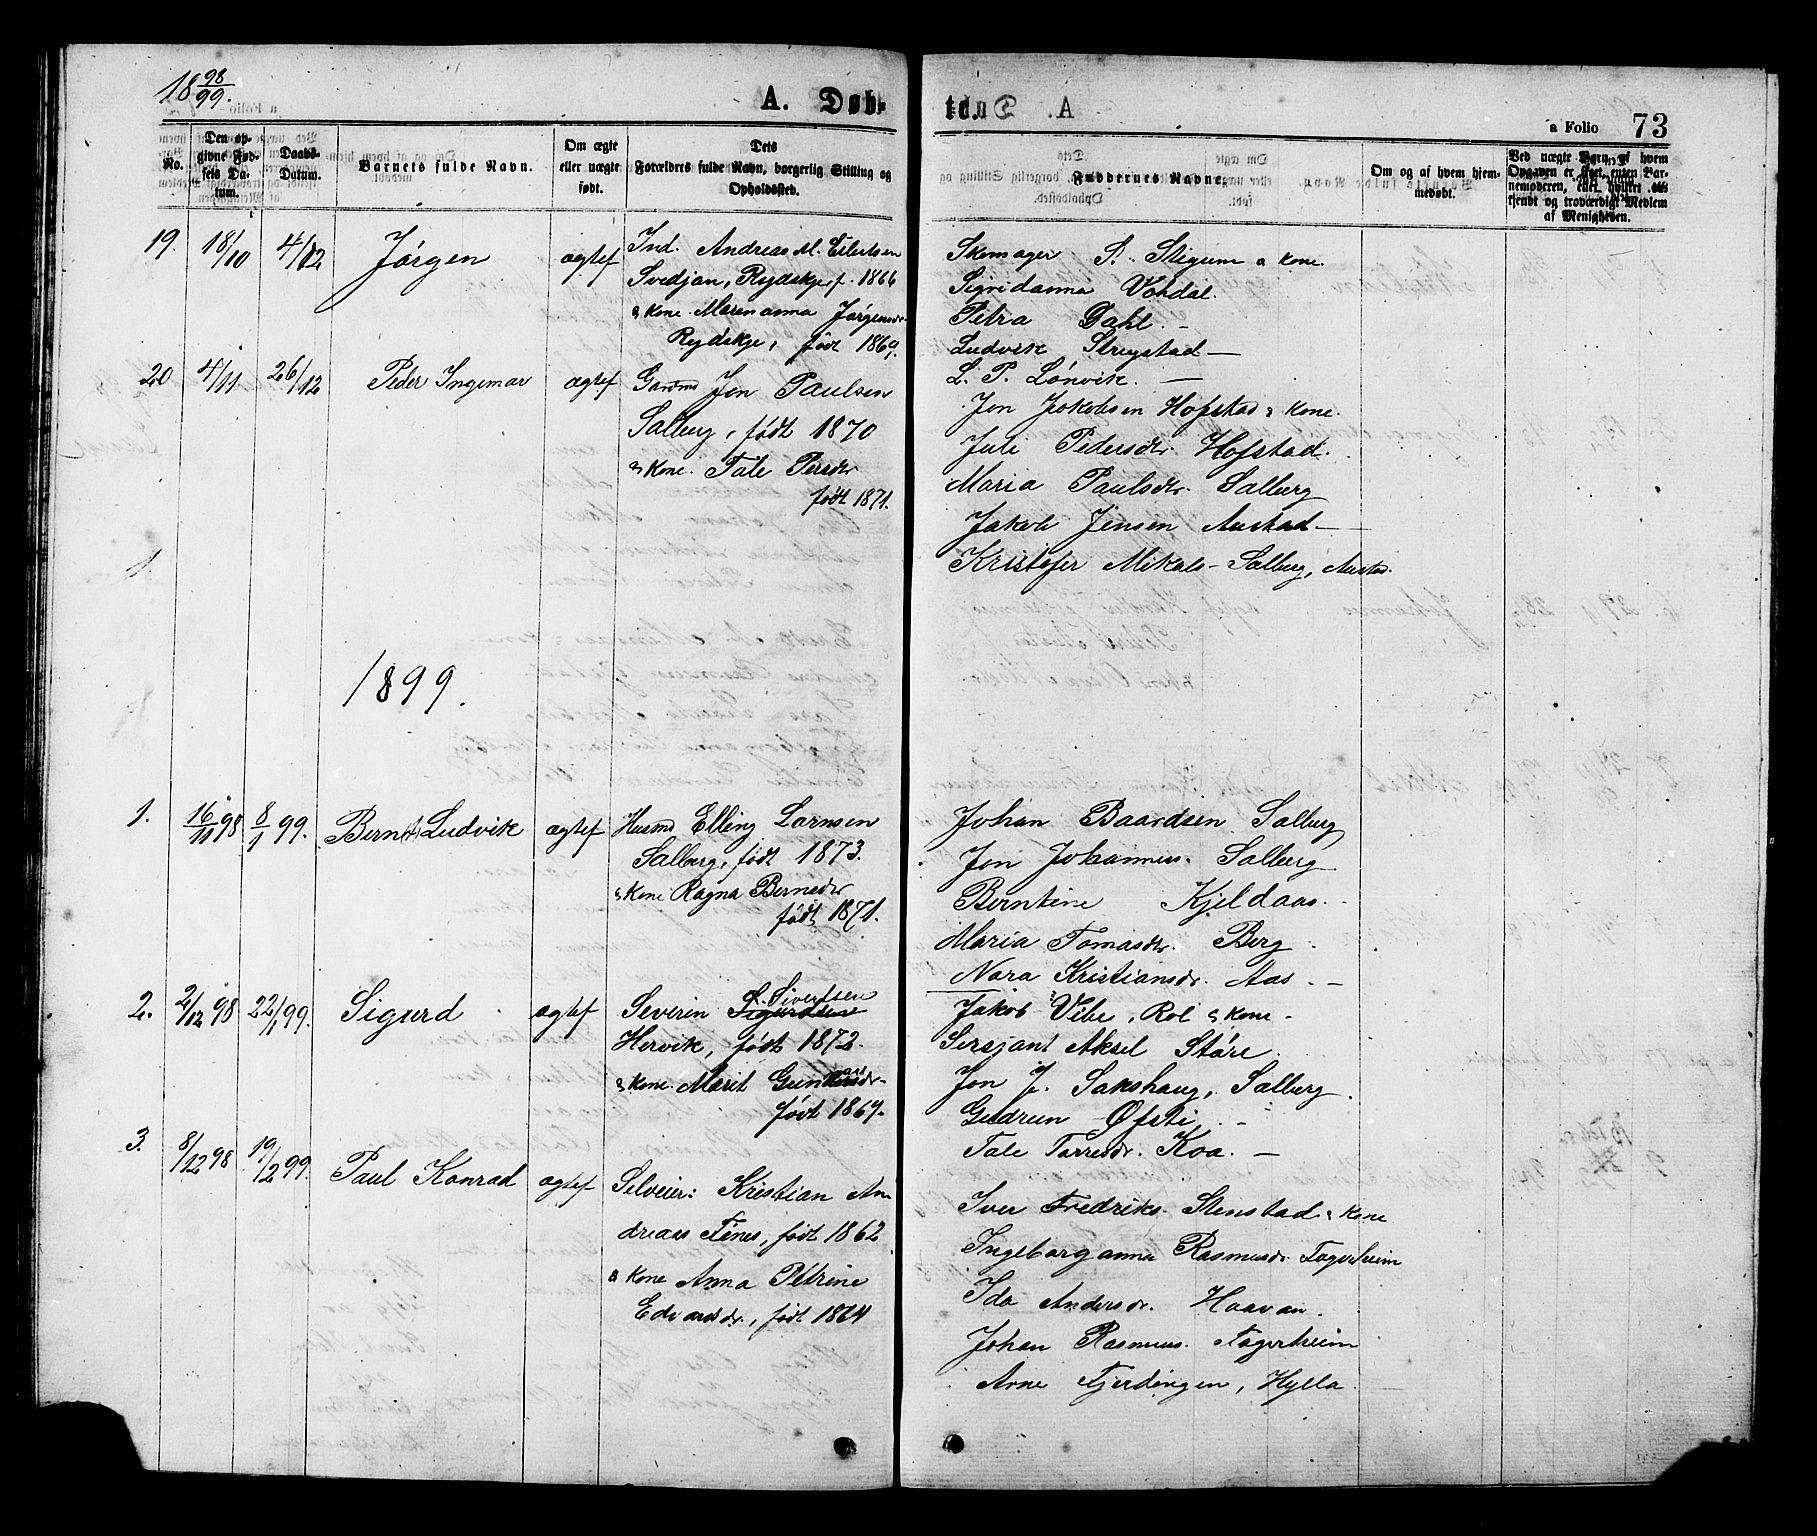 SAT, Ministerialprotokoller, klokkerbøker og fødselsregistre - Nord-Trøndelag, 731/L0311: Klokkerbok nr. 731C02, 1875-1911, s. 73